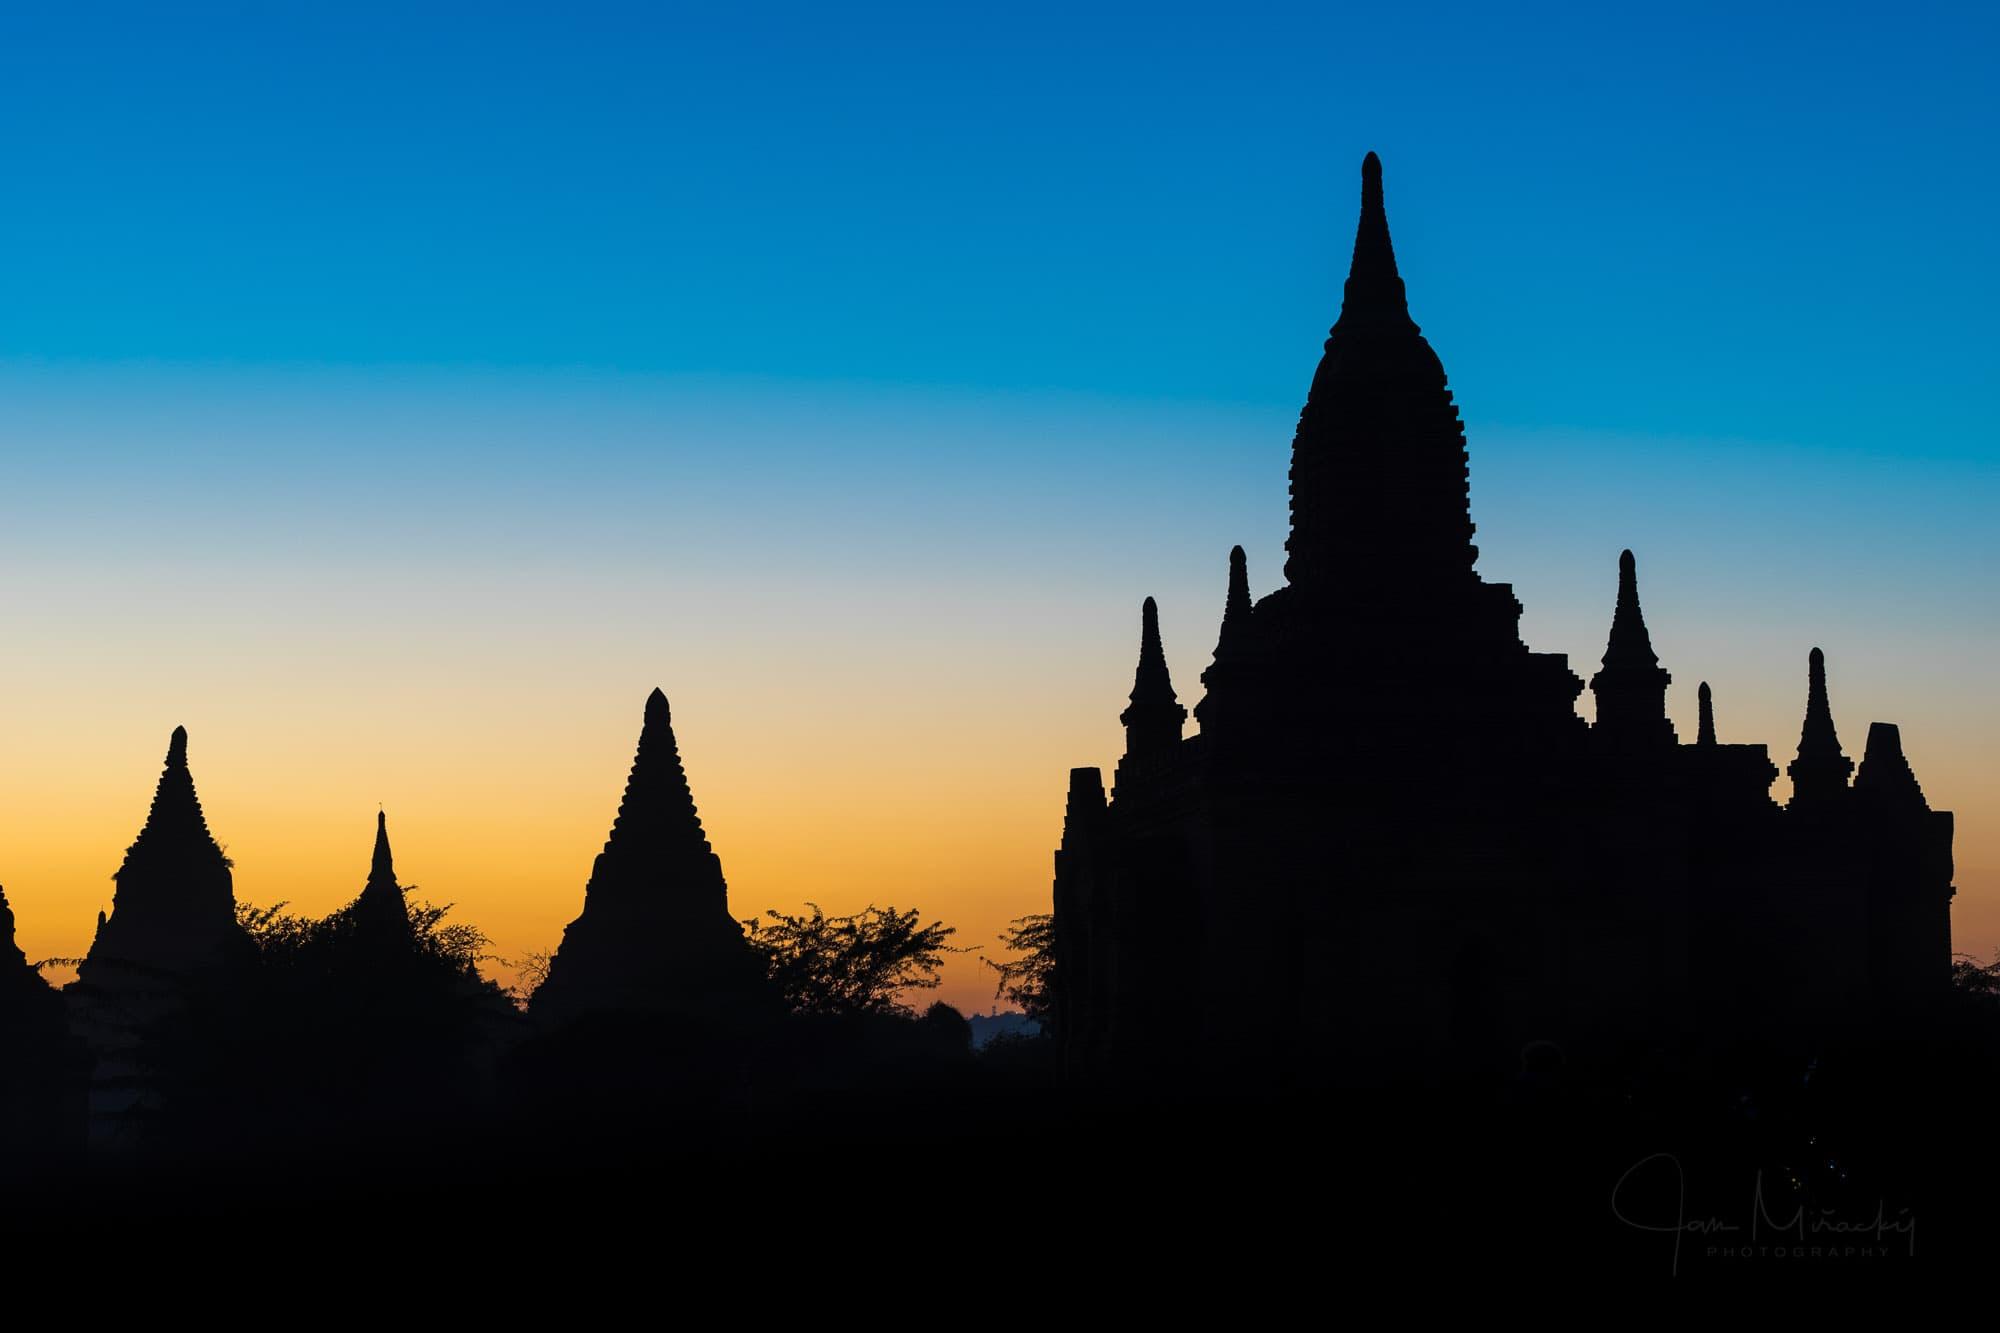 Temples of Bagan at dusk